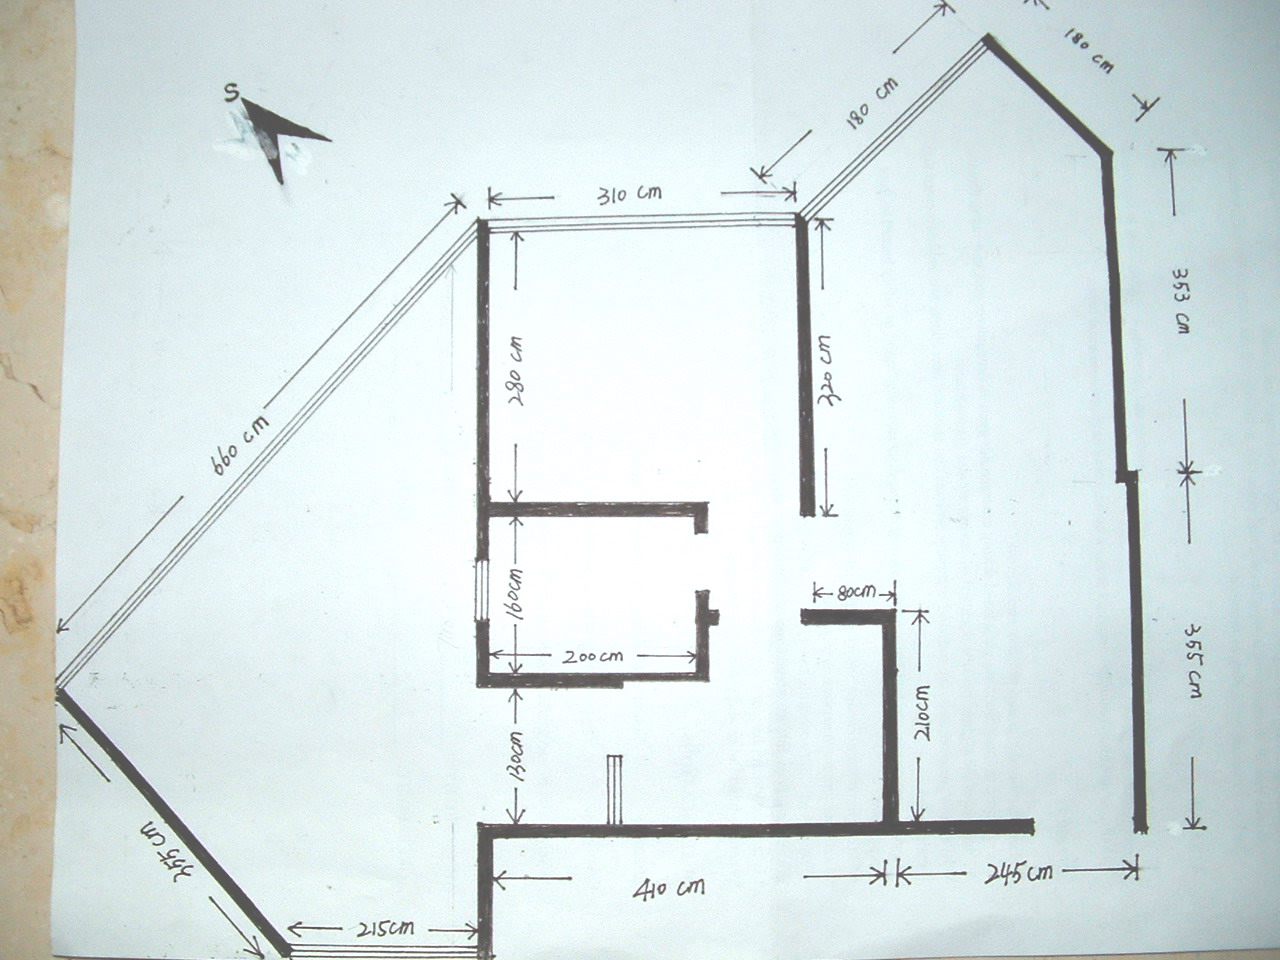 这是房间的手绘平面图.本来是准备给设计师做方案的.